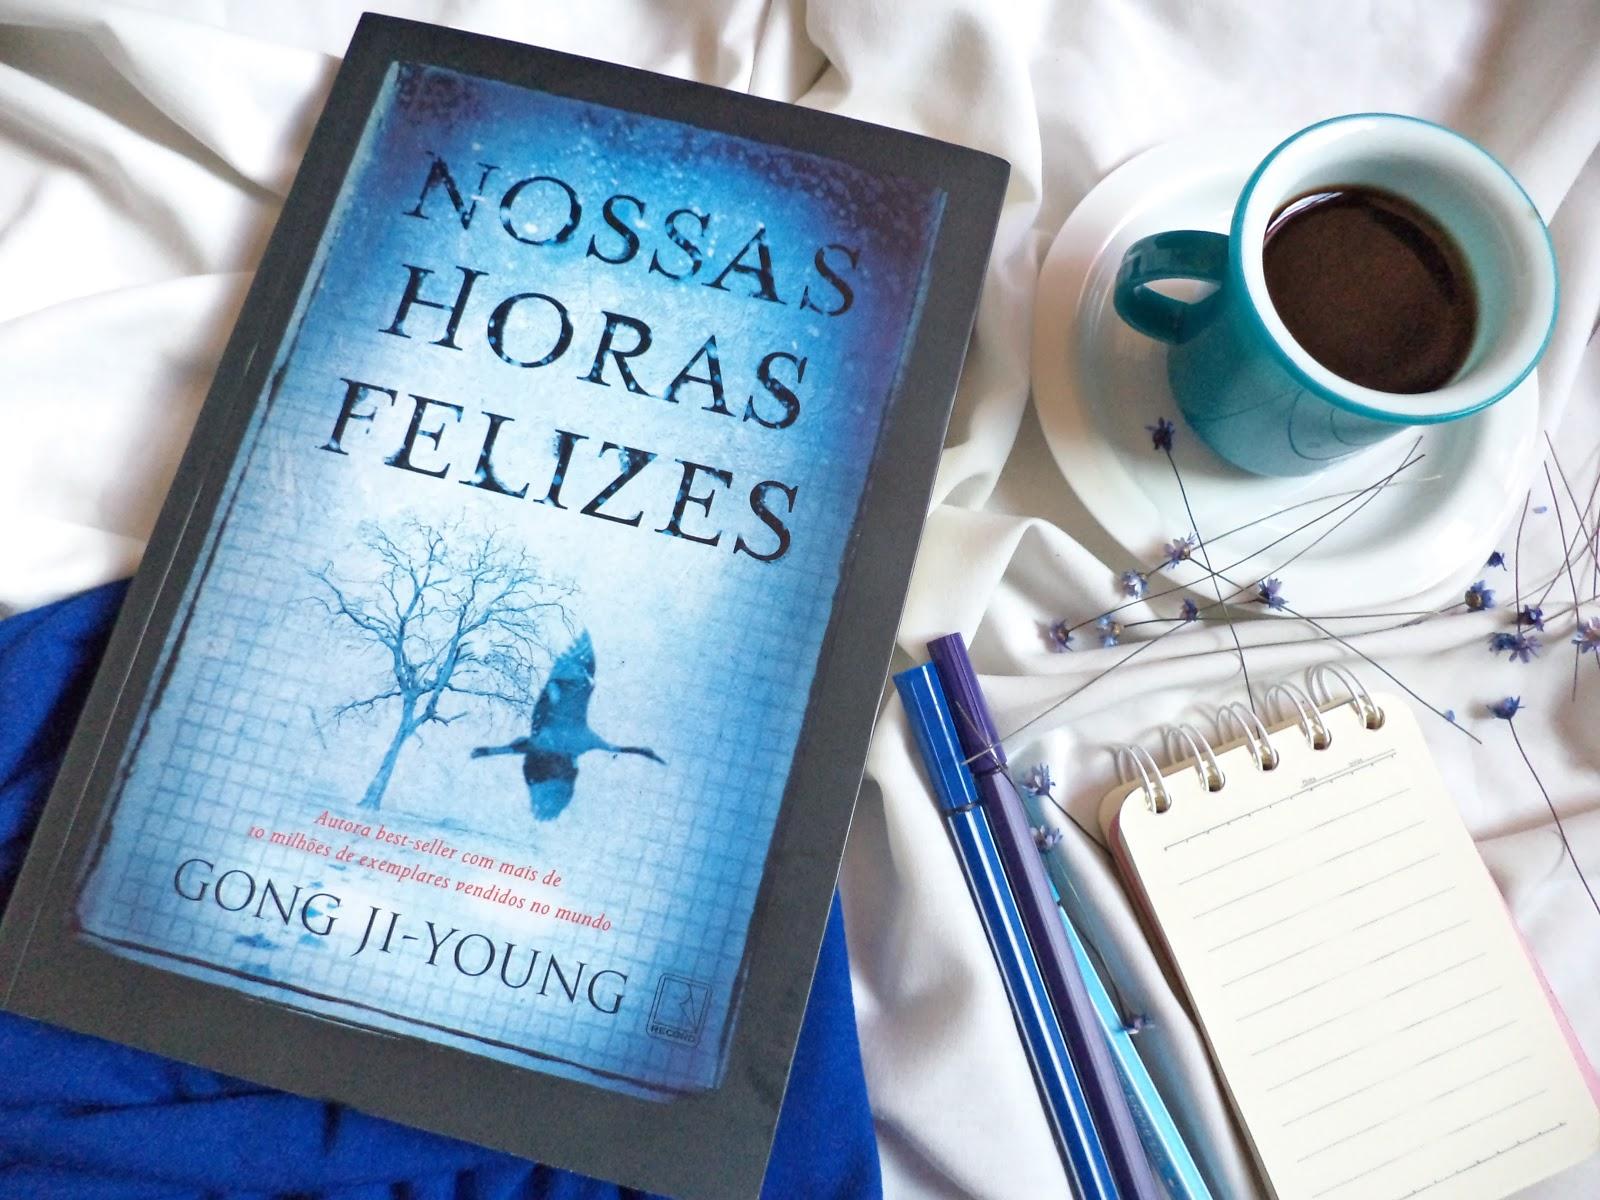 Nossas Horas Felizes de Gong Ji-Young livro